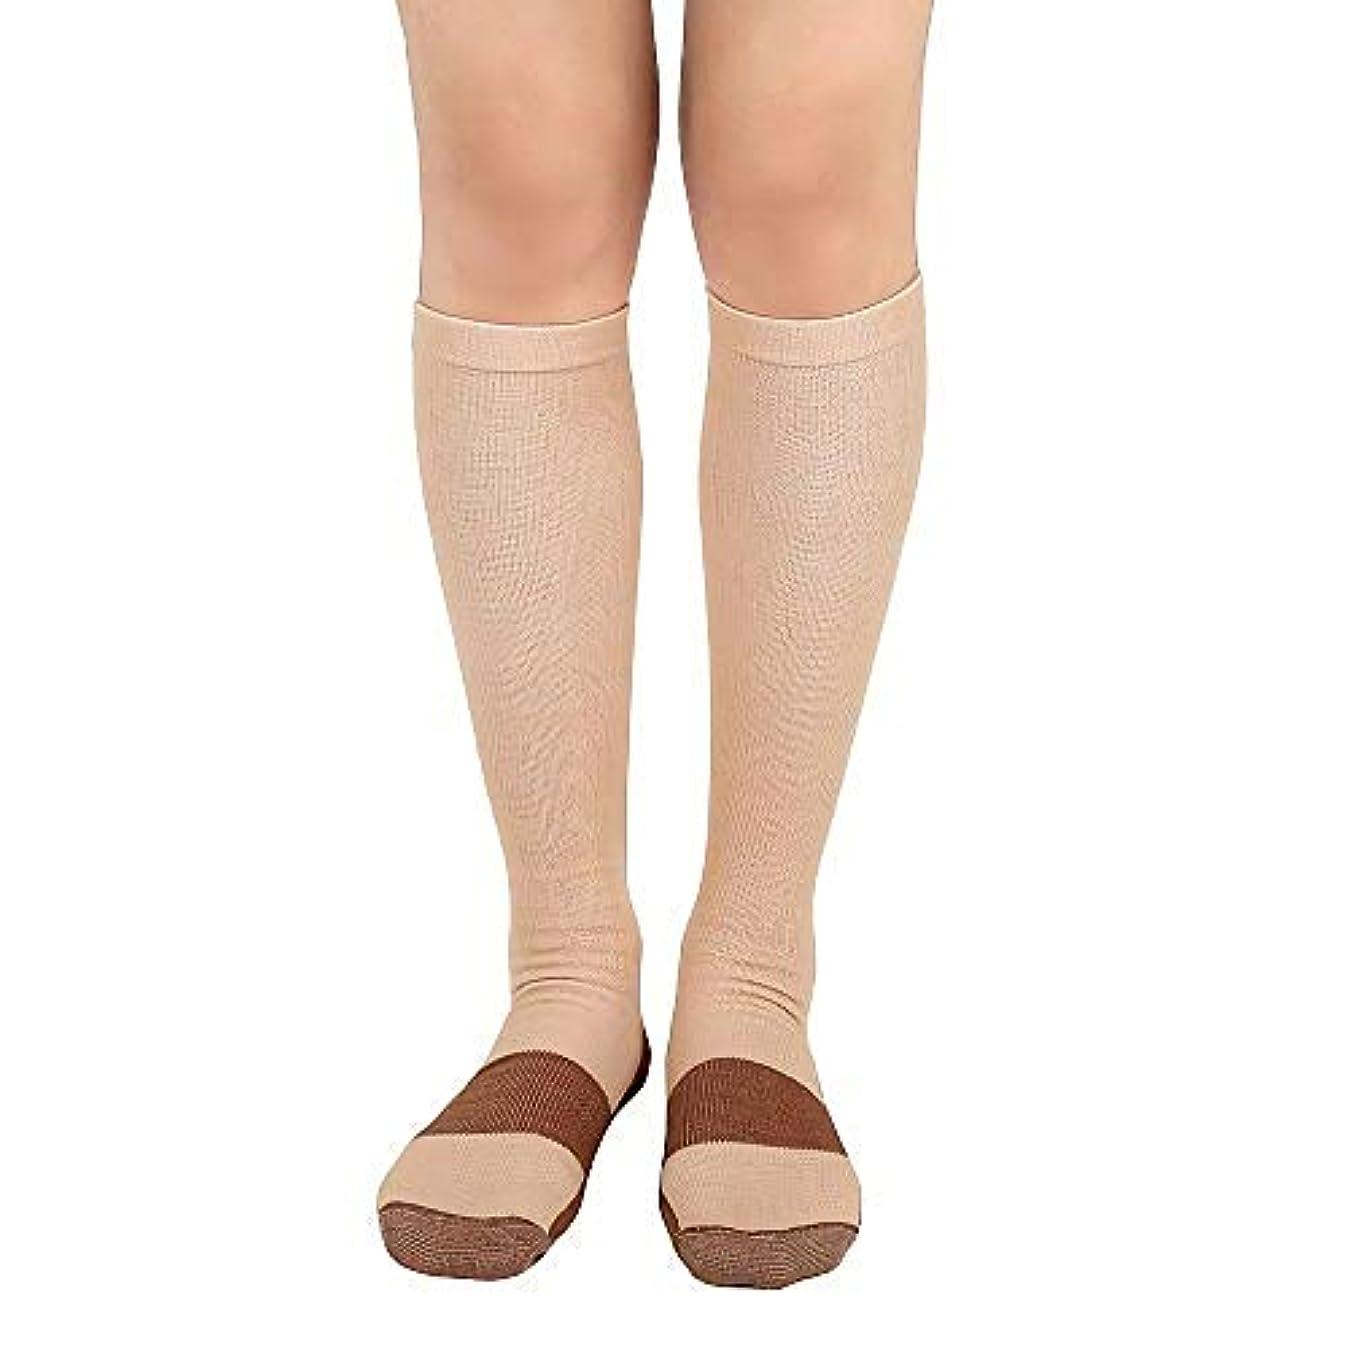 記念品インド出来事着圧ソックス 銅圧縮 コンプレッションソックス 膝下 抗疲労 男女兼用ユニセックス (XXL, 肌色)